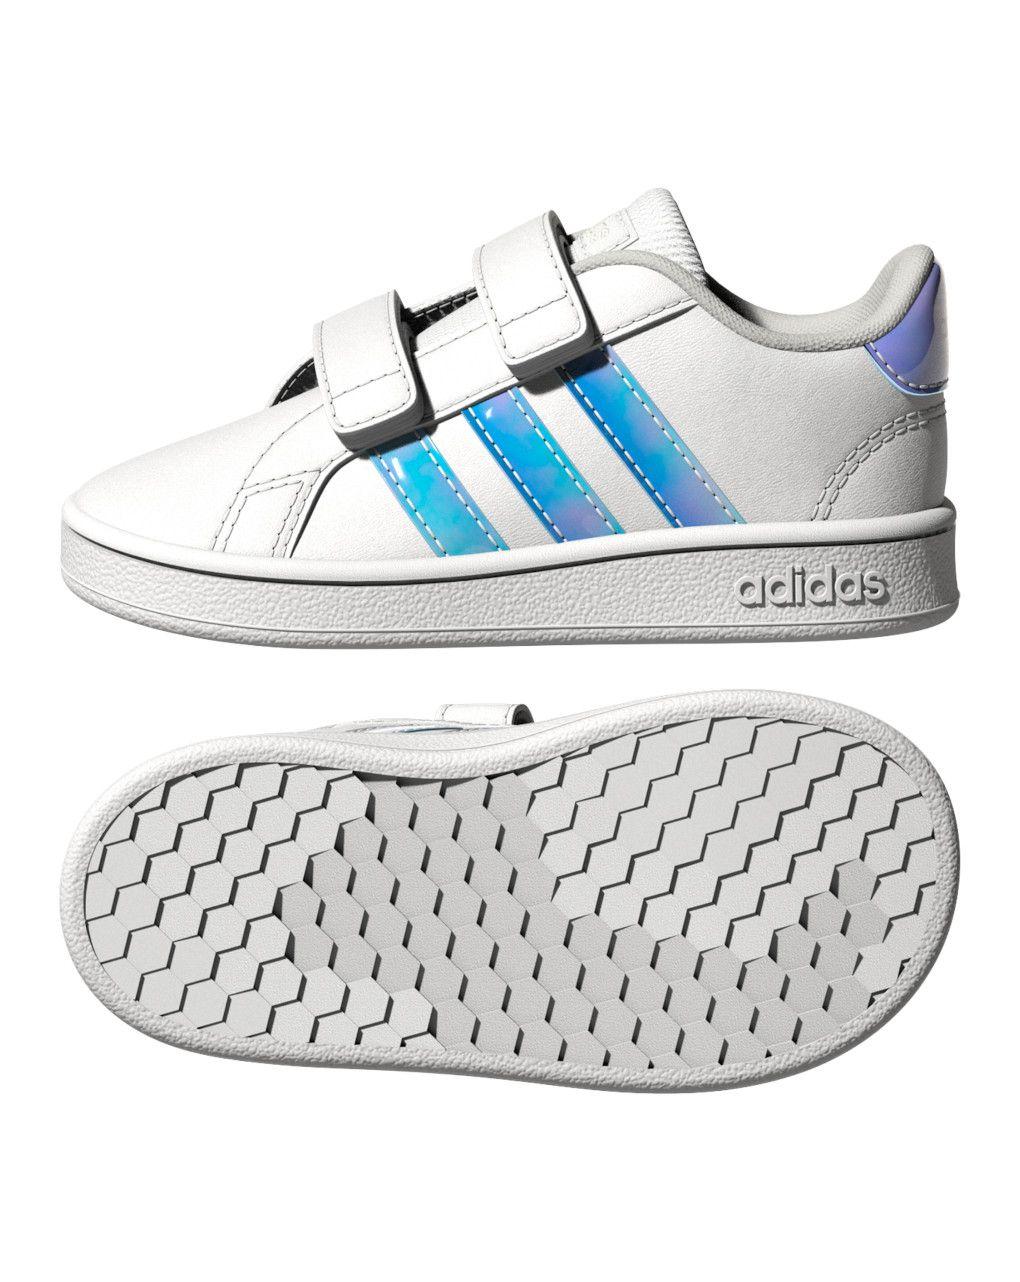 Αθλητικά Παπούτσια Adidas Grand Court I FW1276 για Κορίτσι